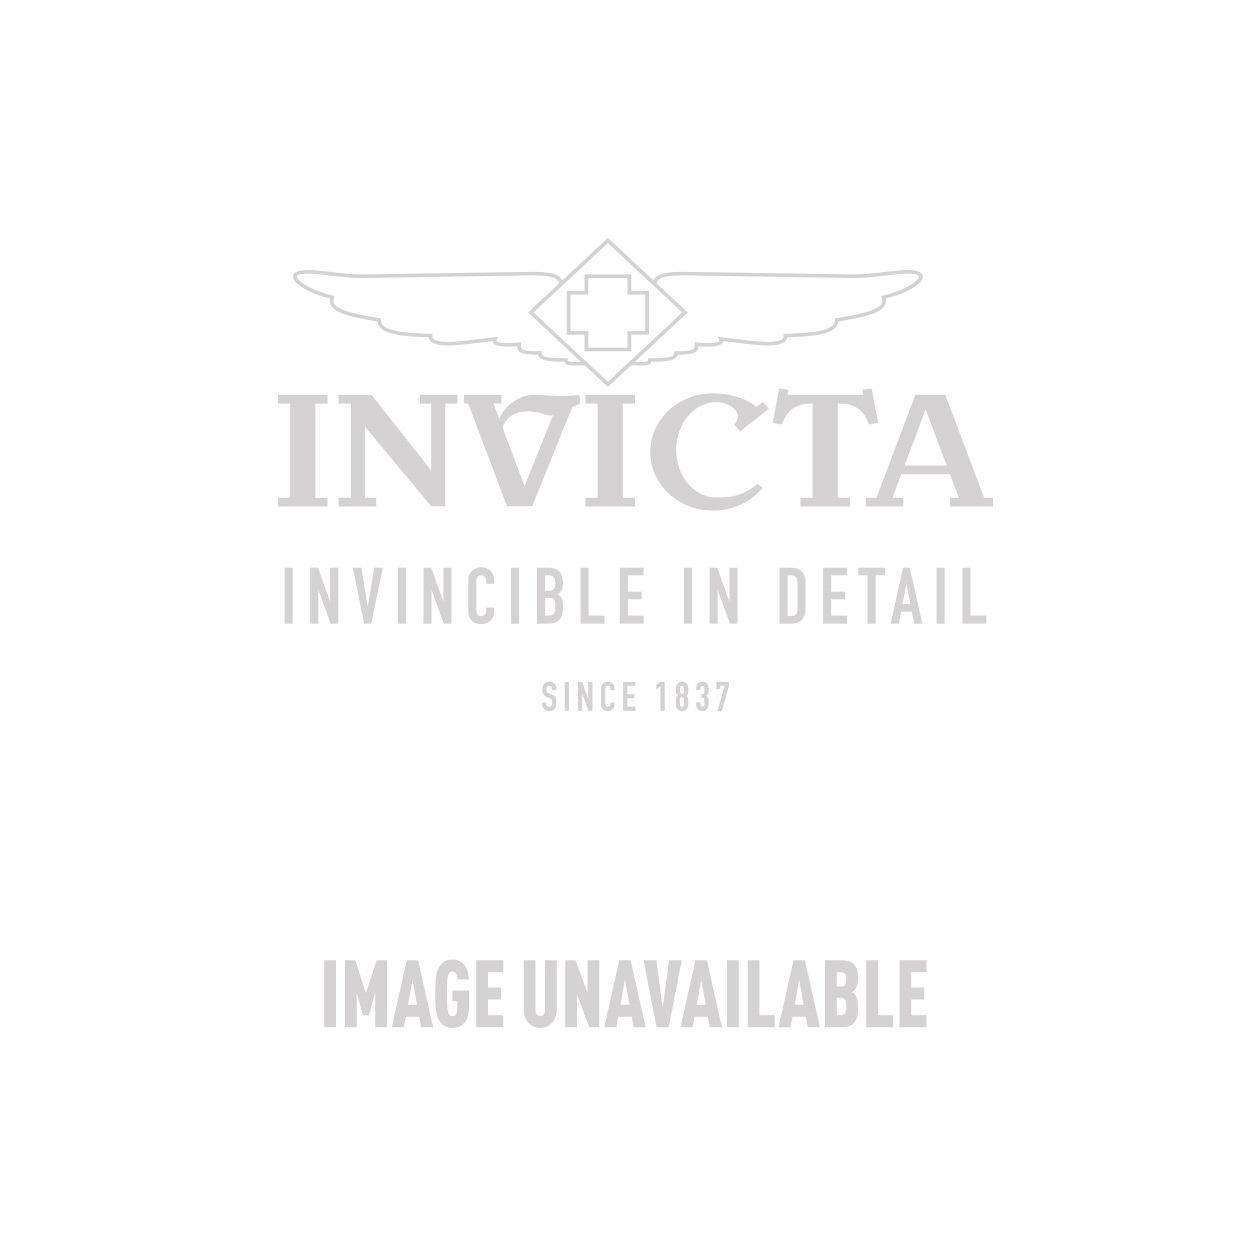 Invicta Model  25037